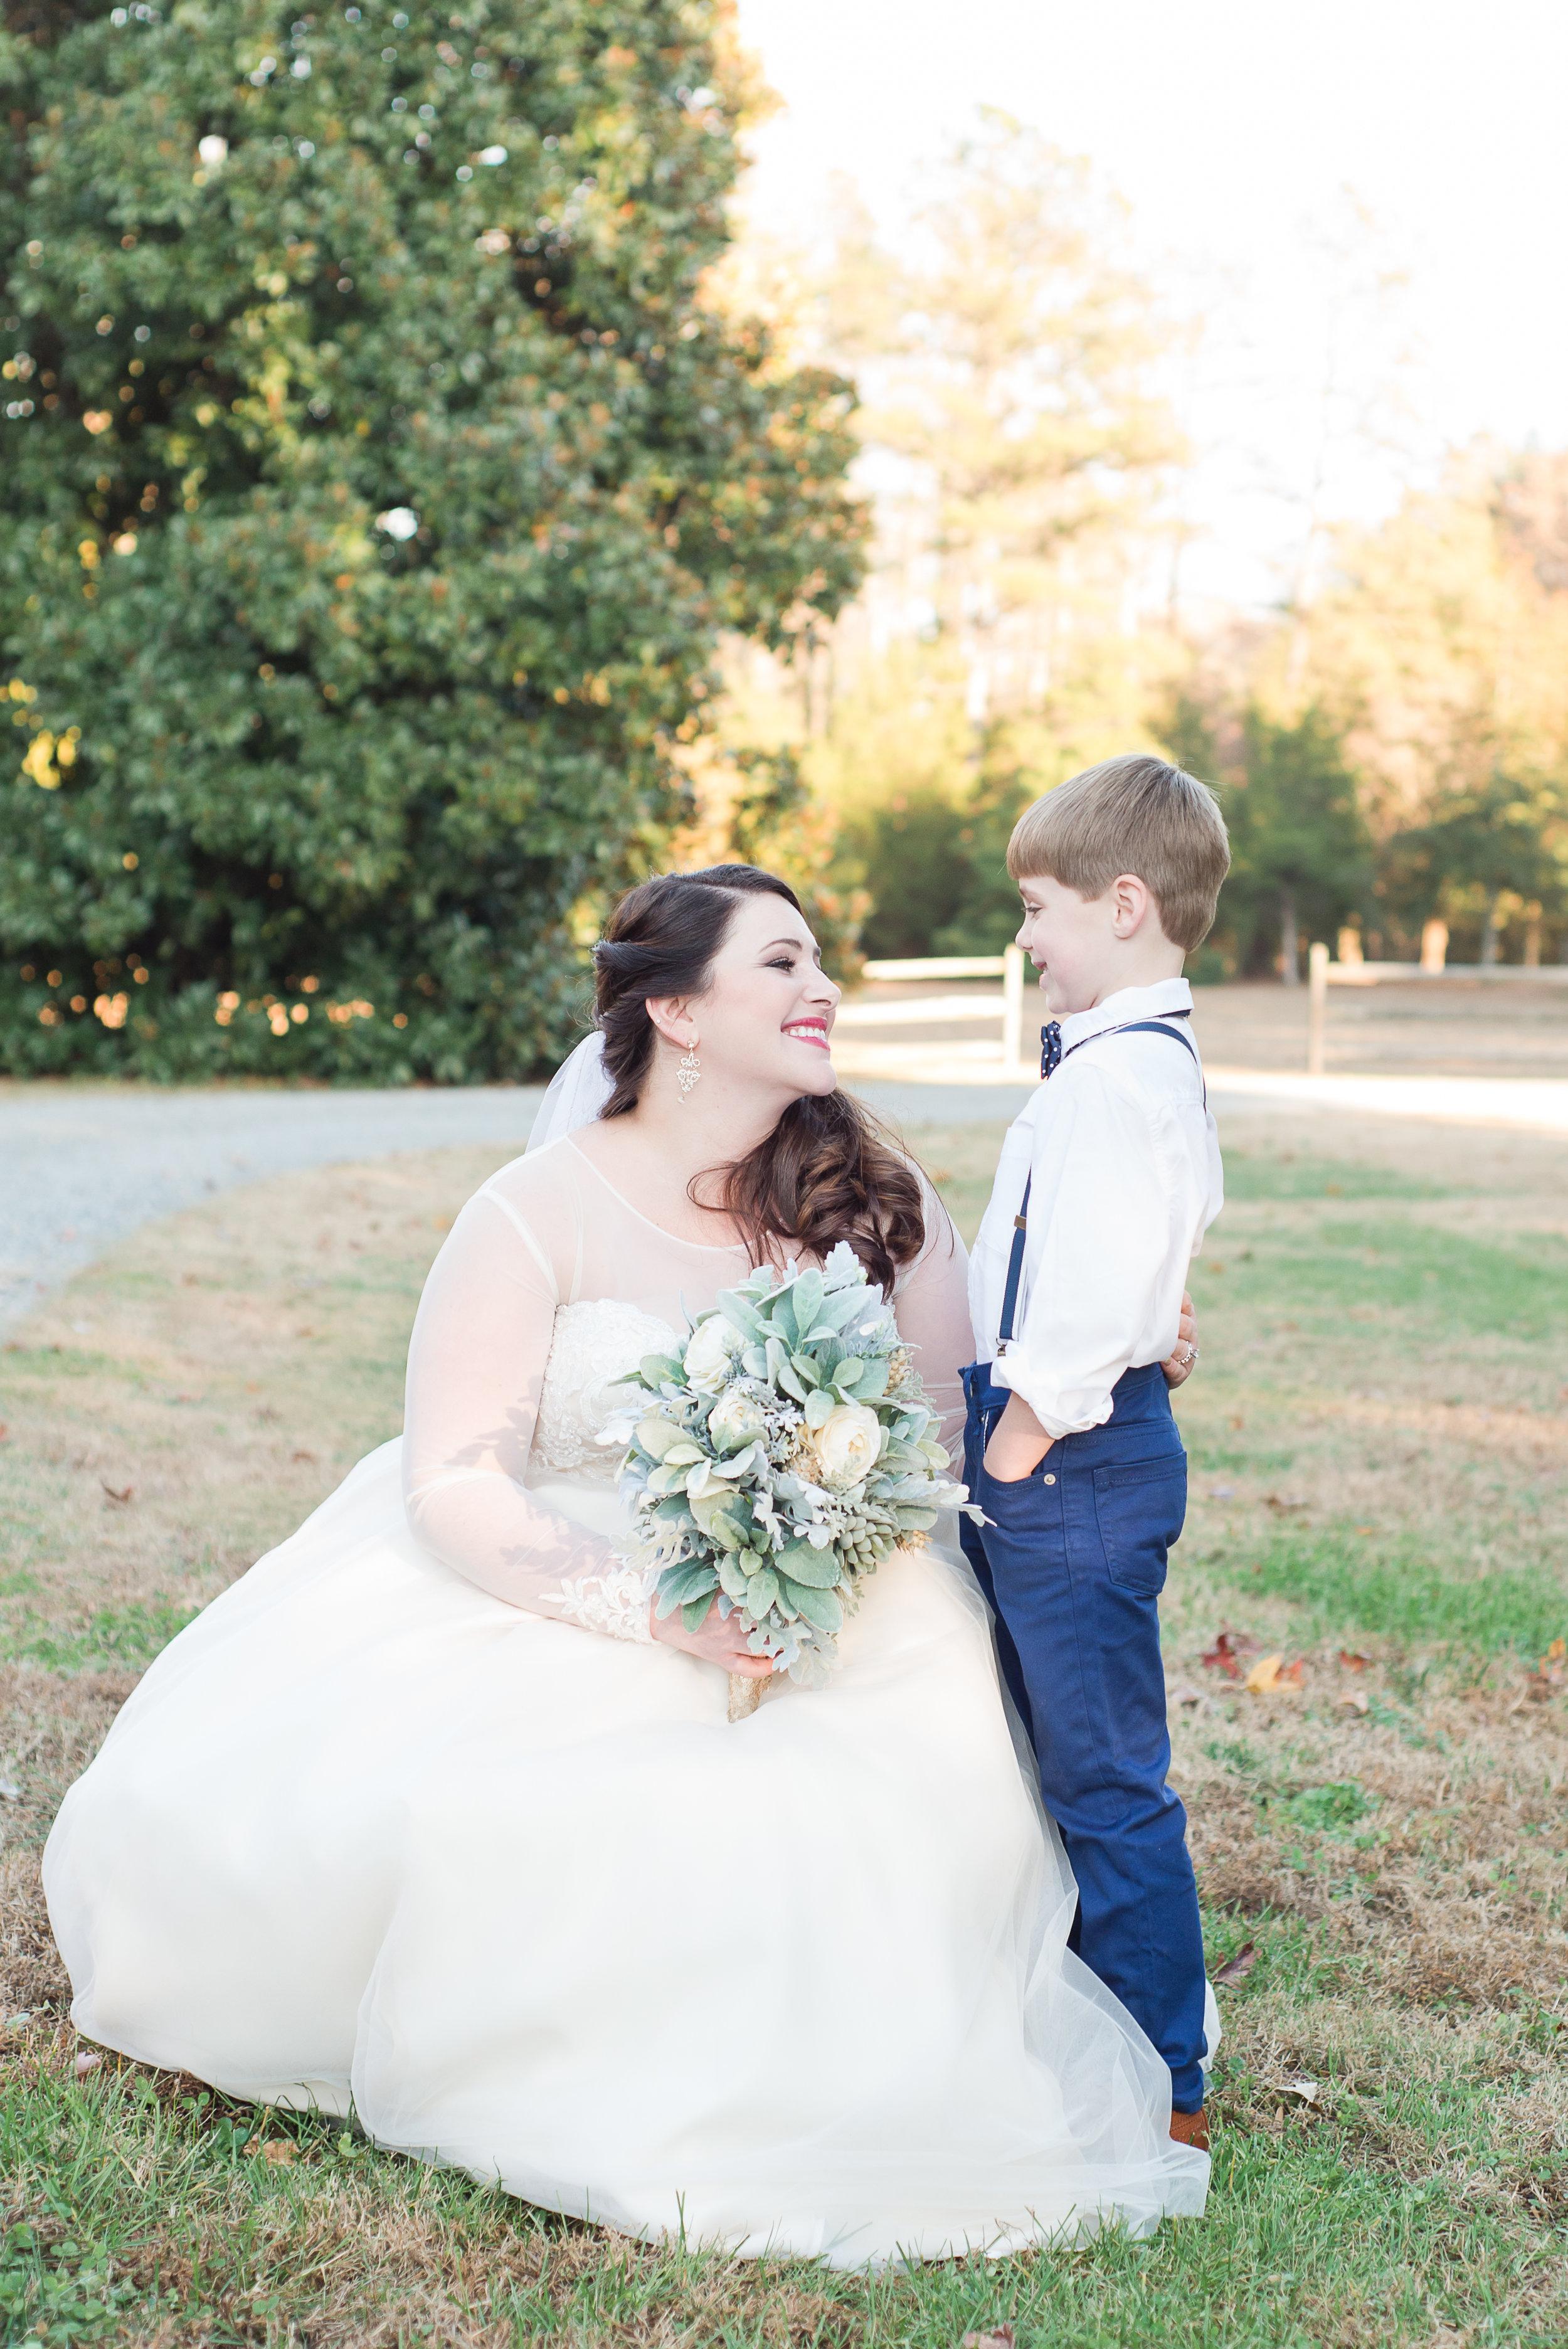 Lindsay _ Justin Family Formals-3.jpg